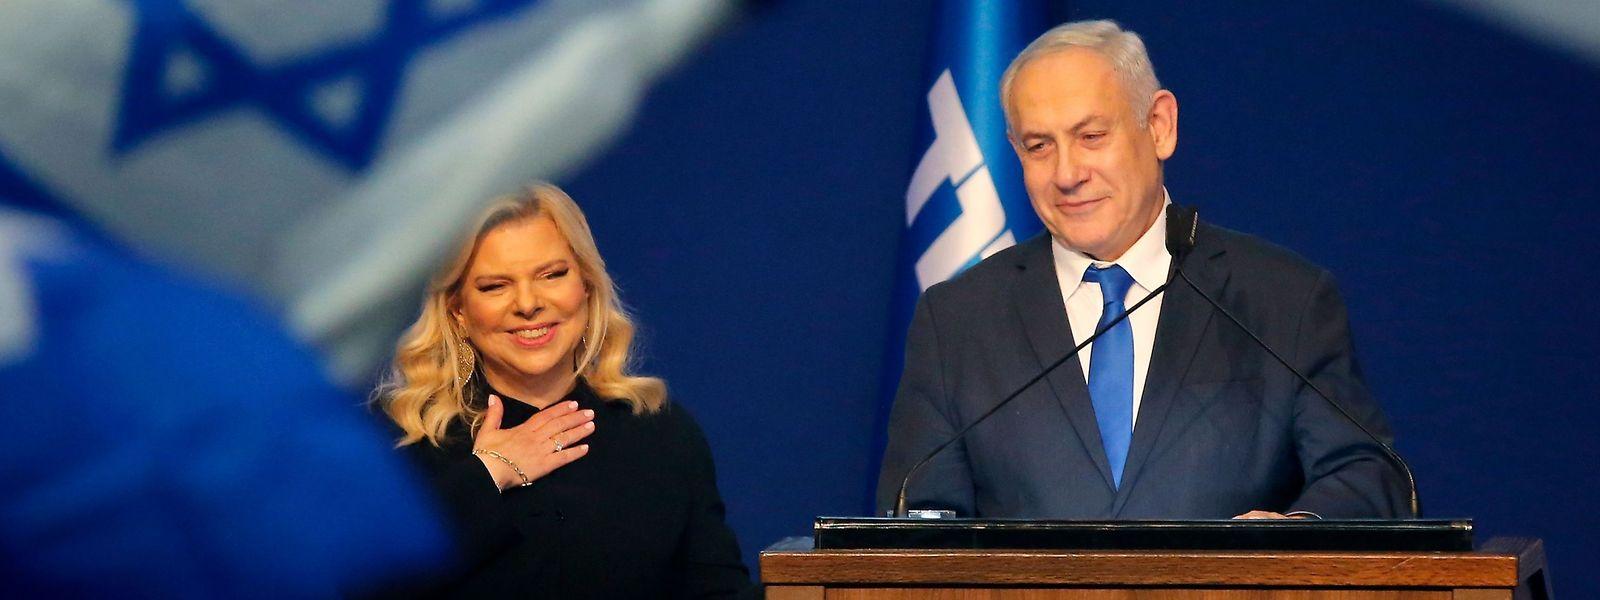 Benjamin Netanjahu und Ehefrau Sara bei der Wahlparty der Likud-Partei.